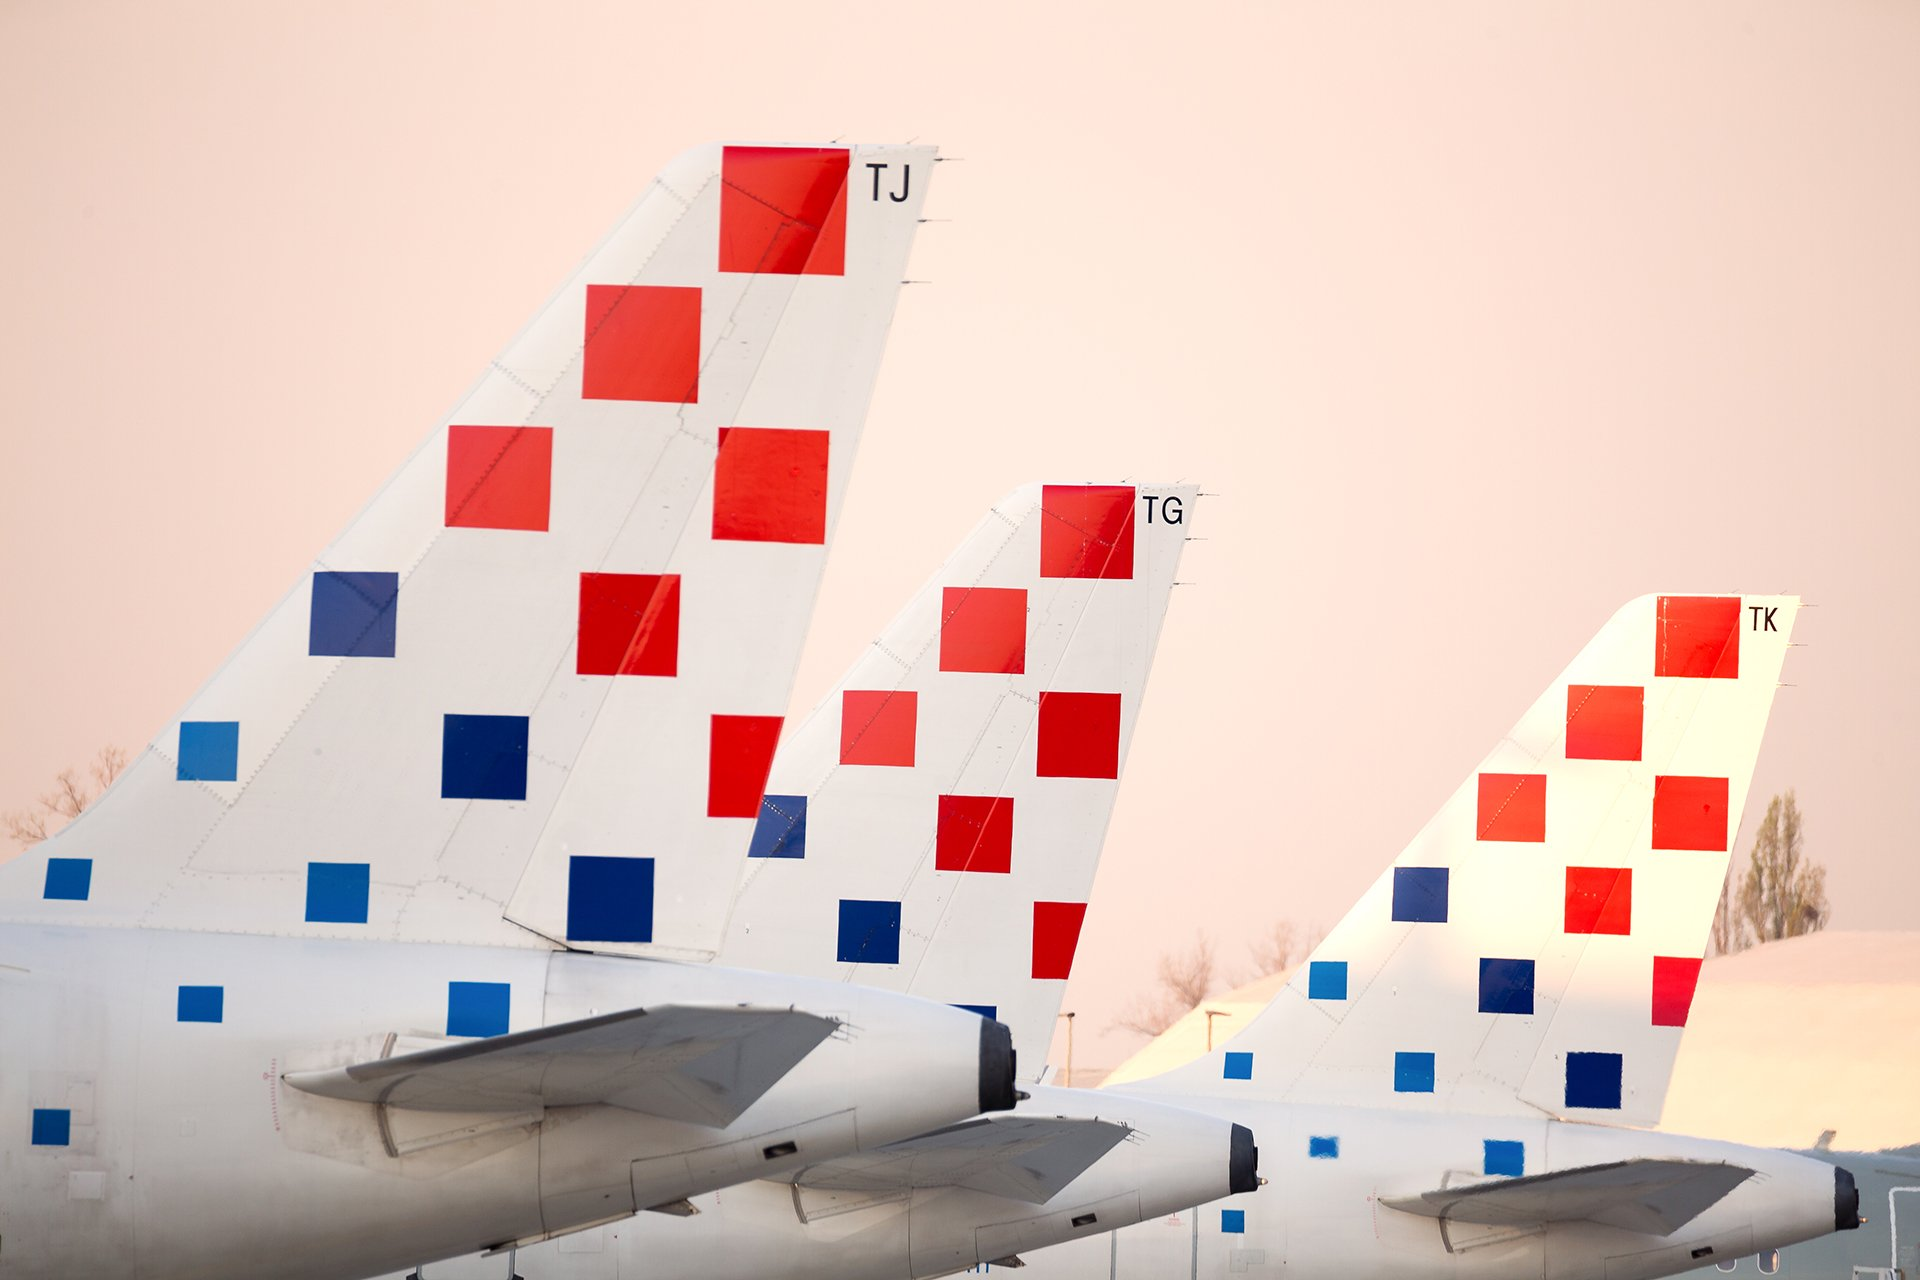 Η Croatia Airlines προσπαθεί να σταματήσει την οικονομική κατρακύλα